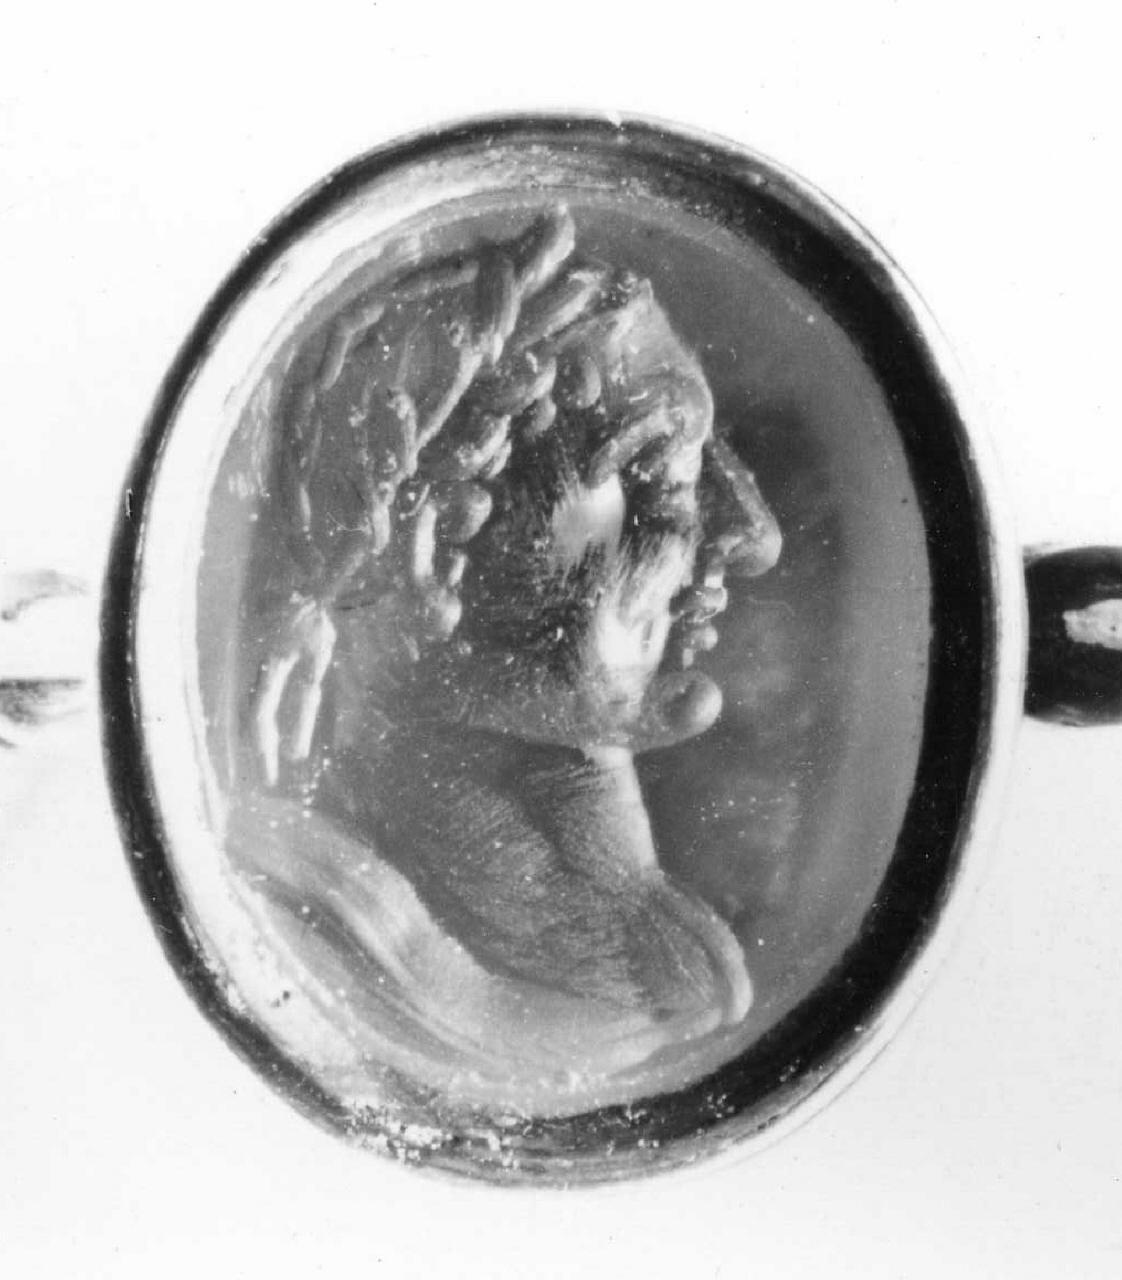 busto maschile laureato (decorazione a intaglio) - bottega italiana (?) (sec. XVII)